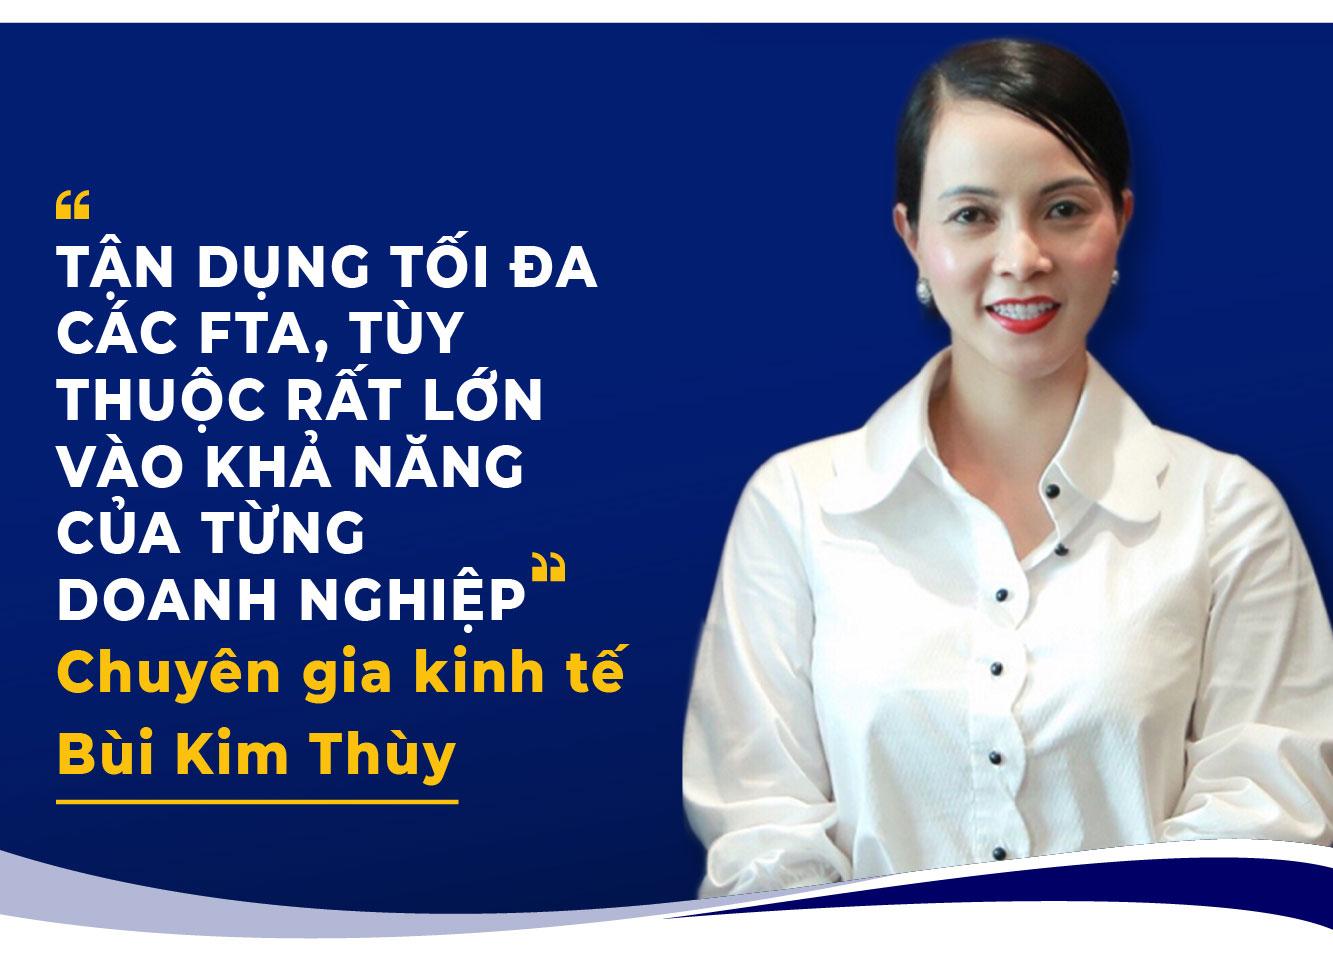 TẬN DỤNG TỐI ĐA CÁC FTA, TÙY THUỘC RẤT LỚN VÀO KHẢ NĂNG CỦA TỪNG DOANH NGHIỆP Chuyên gia kinh tế Bùi Kim Thùy